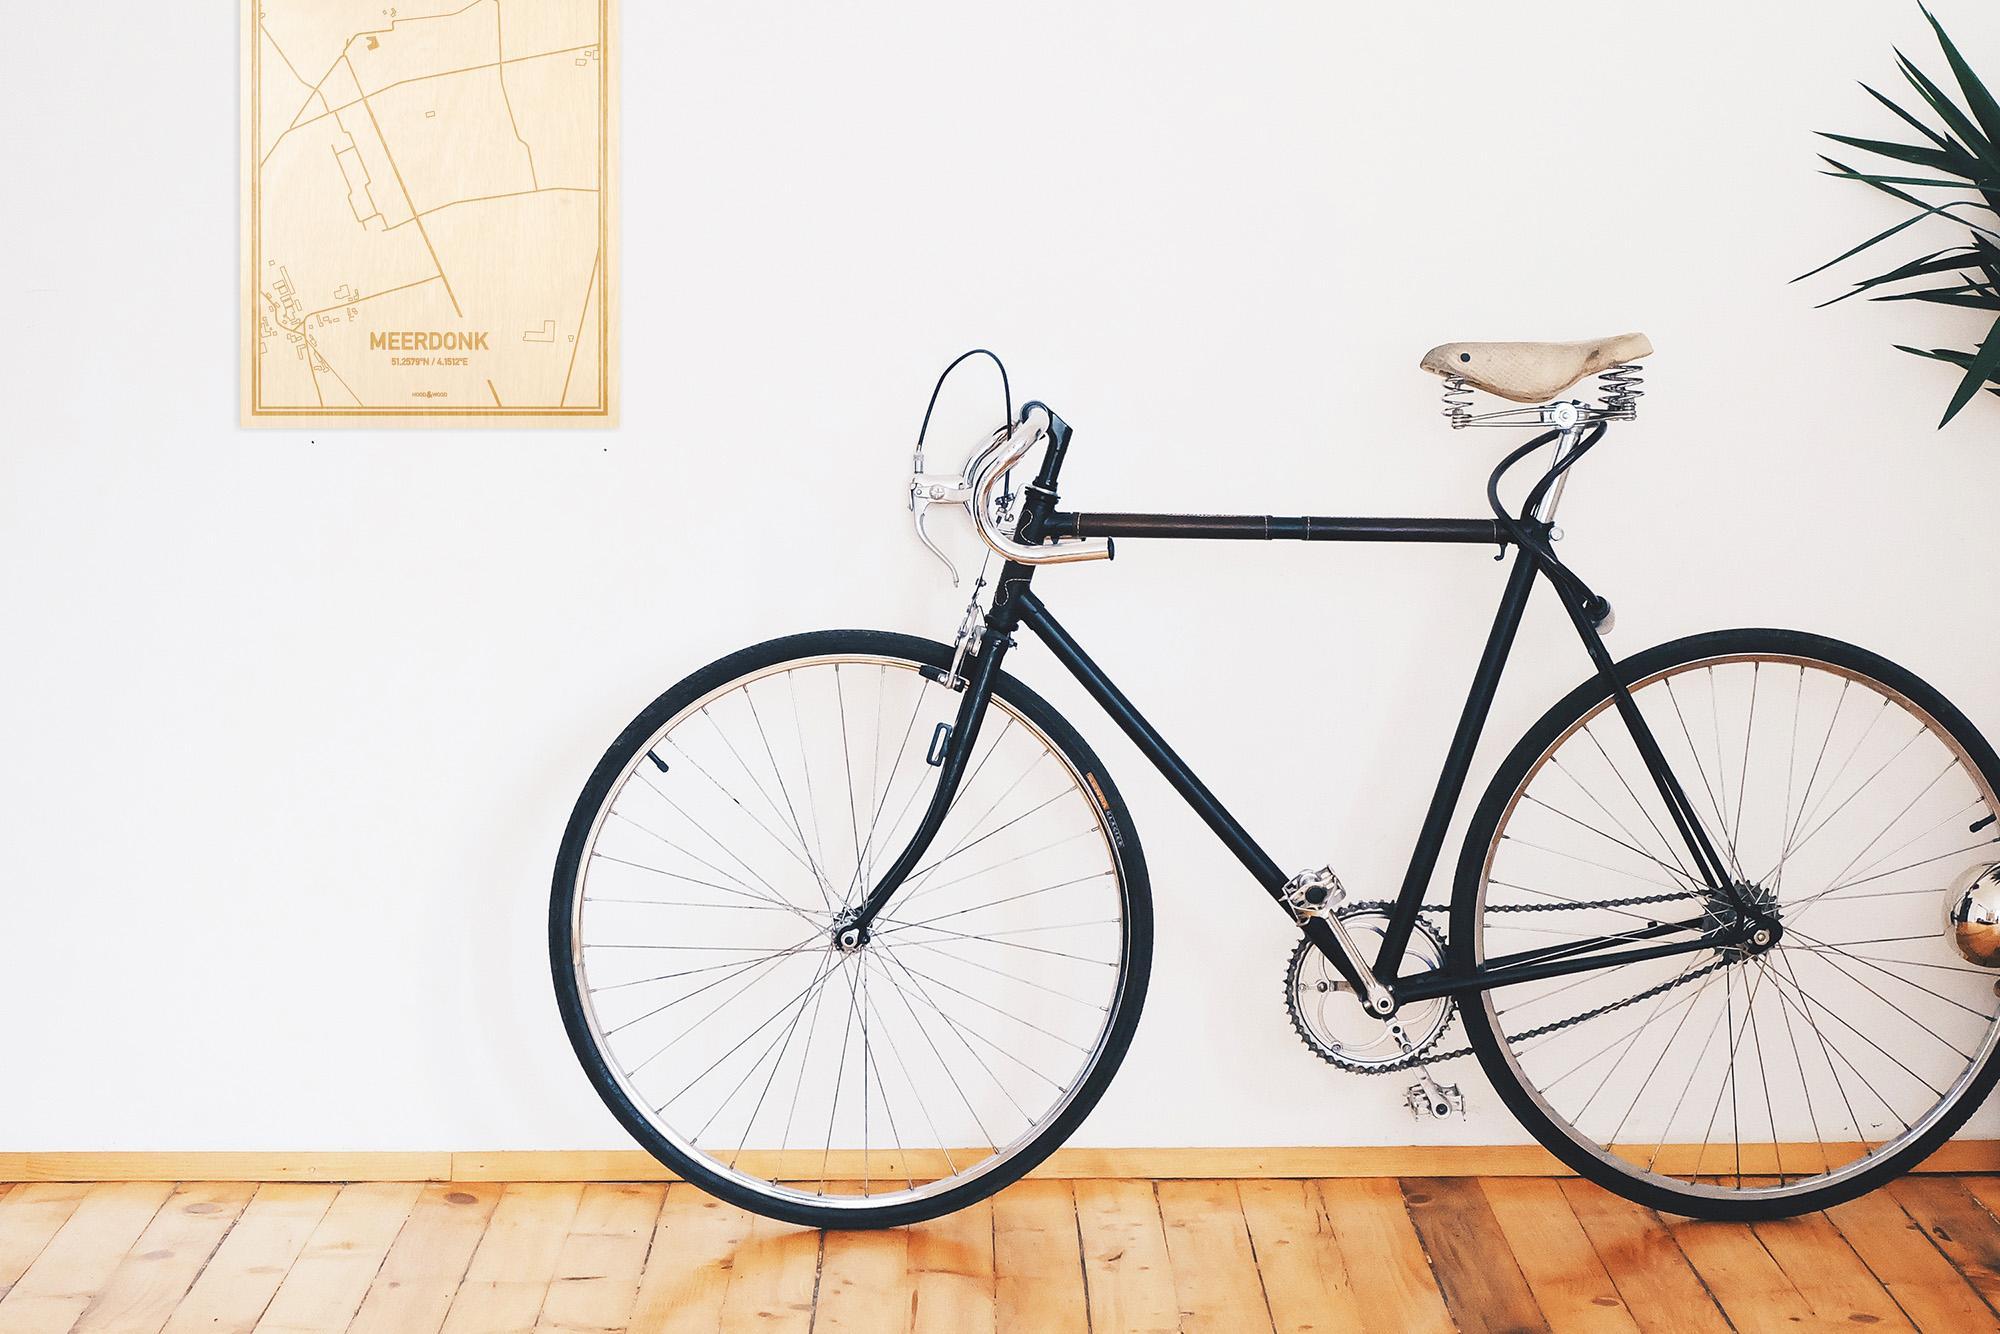 Een snelle fiets in een uniek interieur in Oost-Vlaanderen  met mooie decoratie zoals de plattegrond Meerdonk.